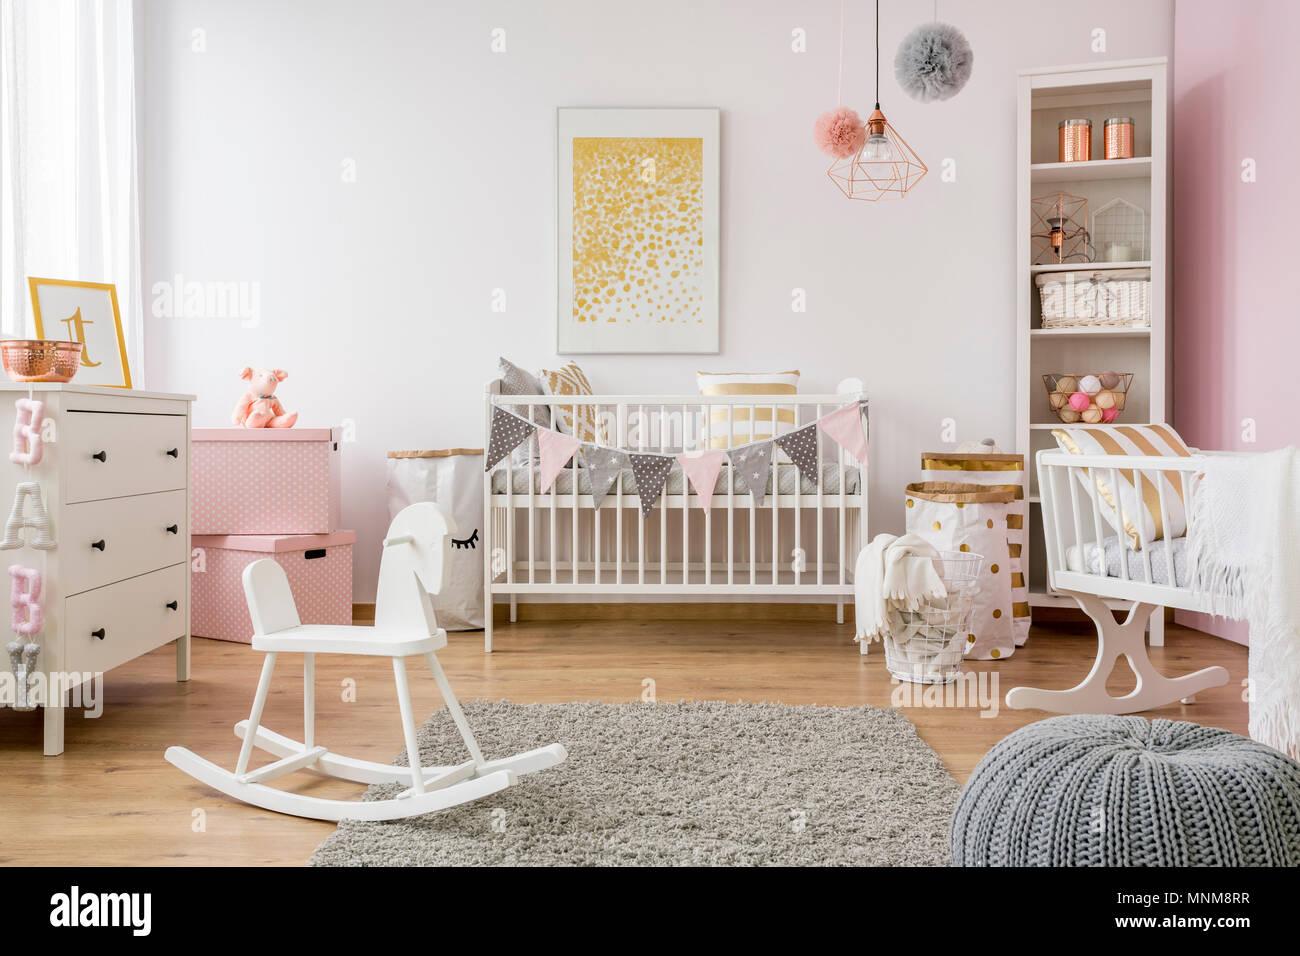 Chambre De Bebe Dans Un Style Scandinave Avec Cheval A Bascule Lit